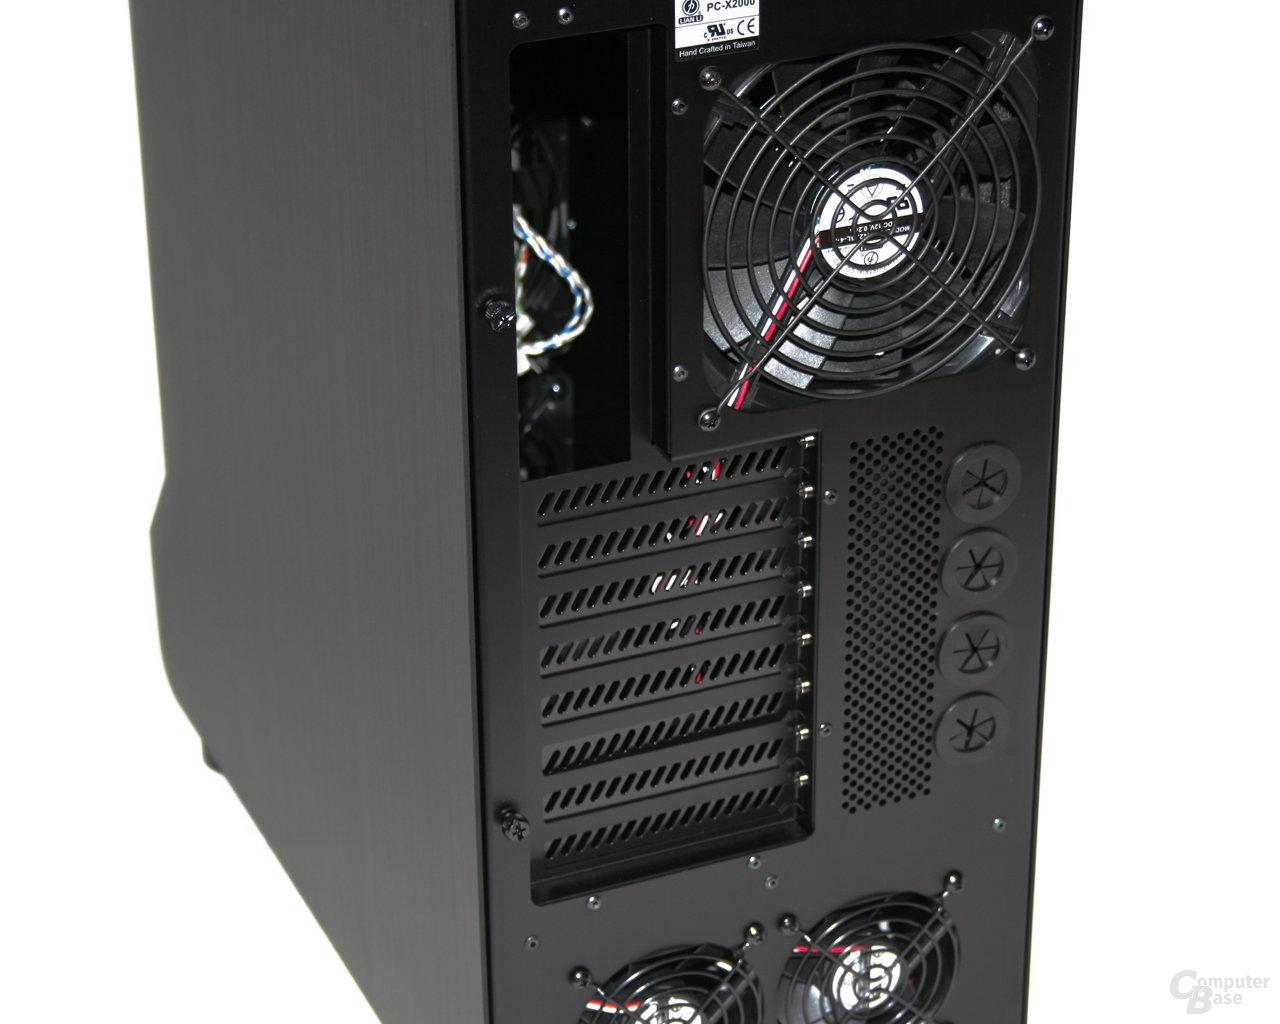 Lian Li TYR Super-Case PC-X2000BW – Schlauchdurchführung